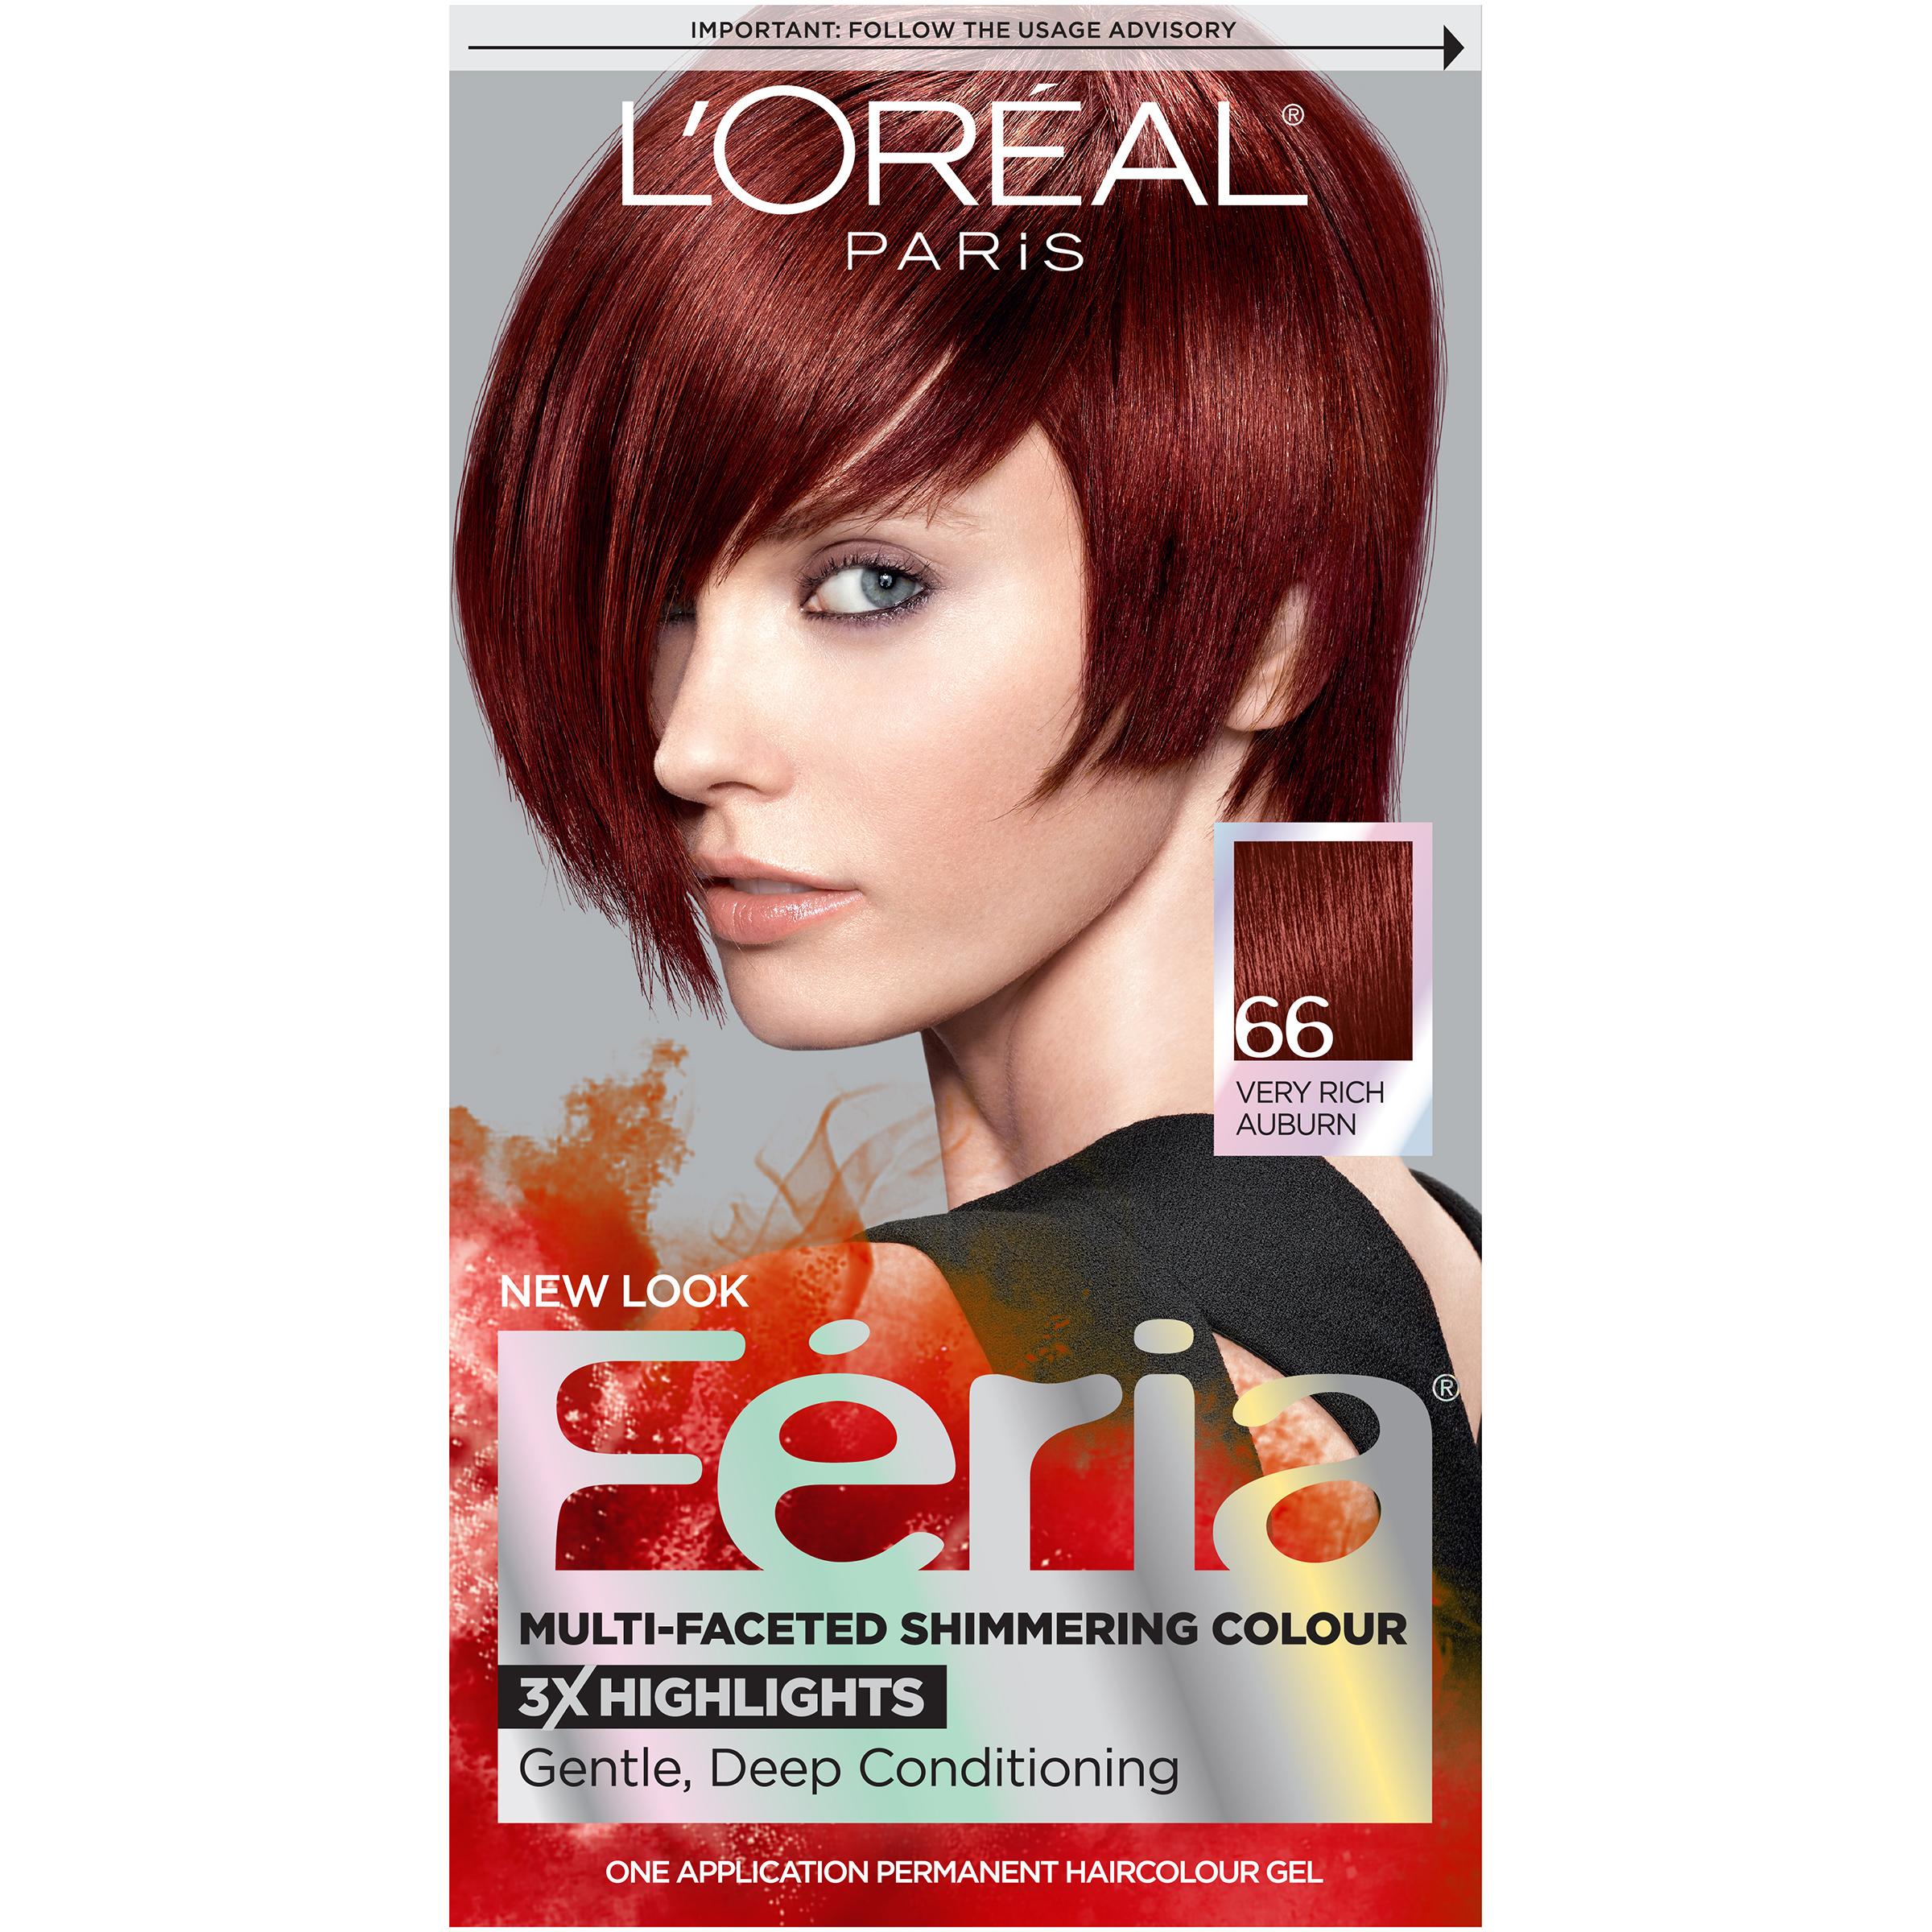 Loreal feria hair colors best hair color inspiration 2018 l oral paris feria permanent hair color 74 copper nvjuhfo Gallery